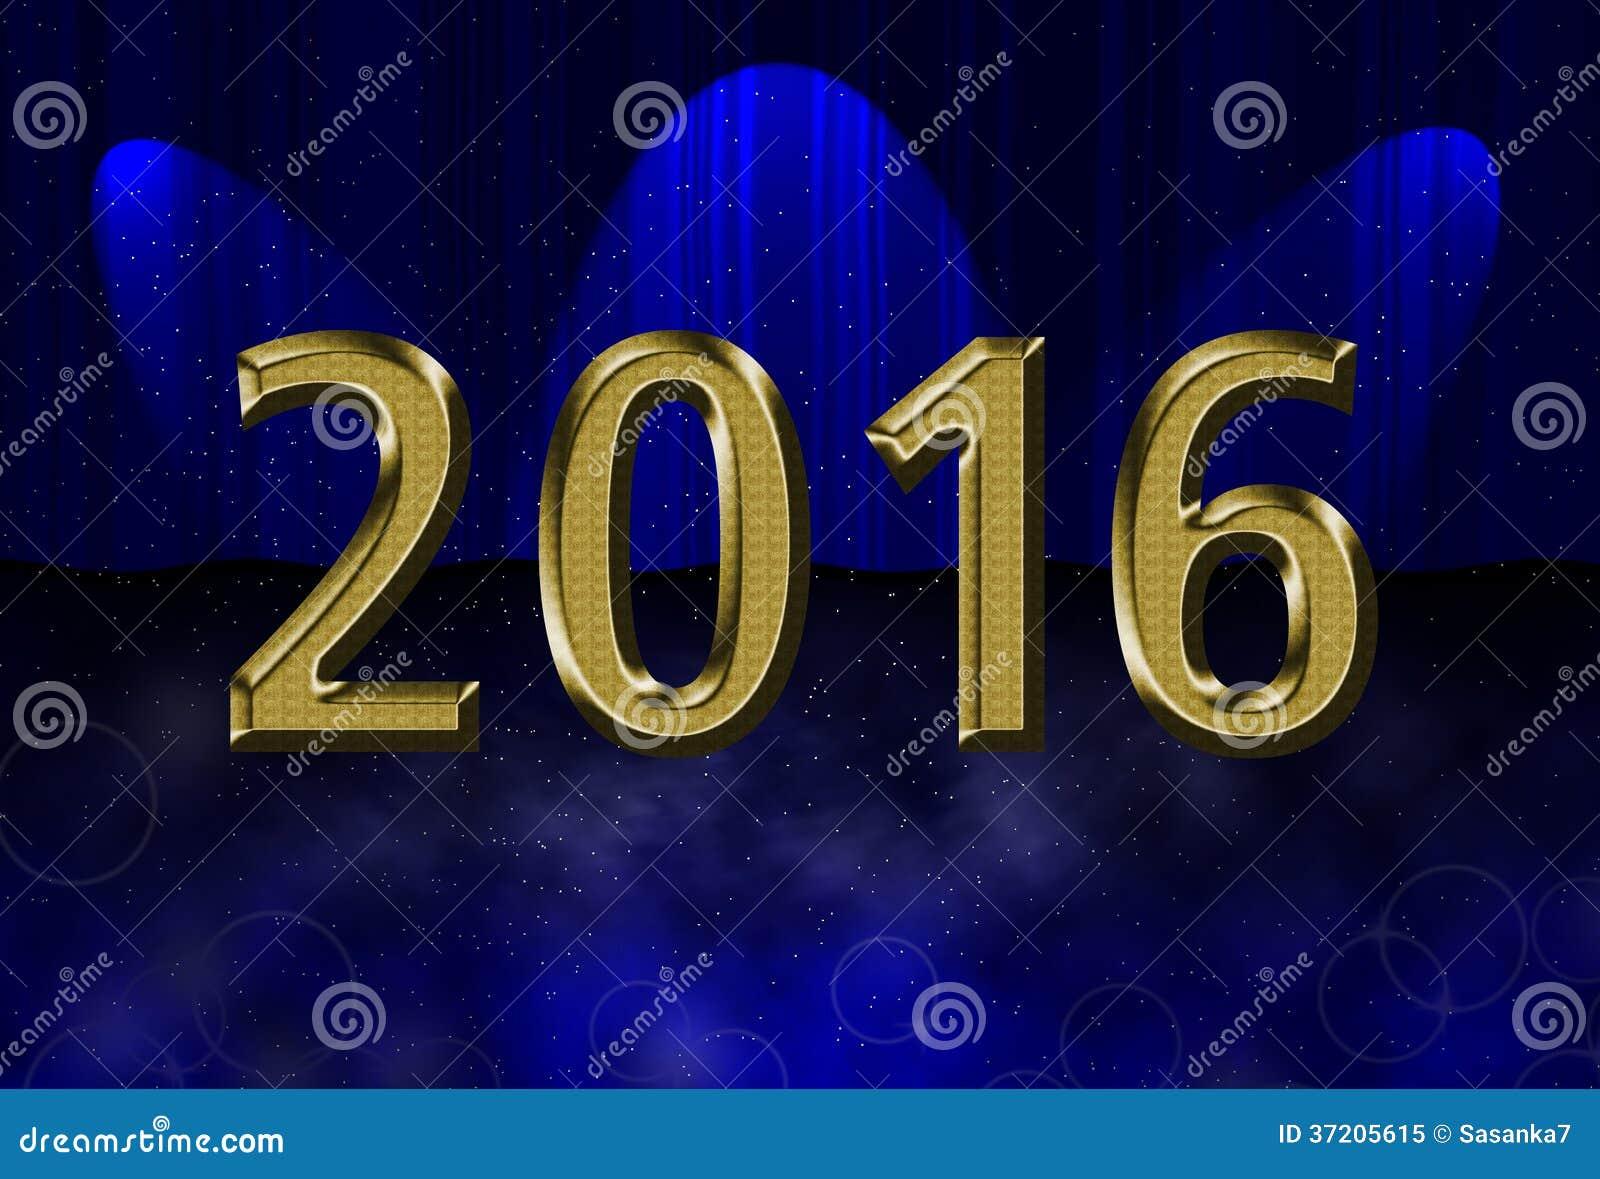 Night universe drop scene, 2016 new year card theme.